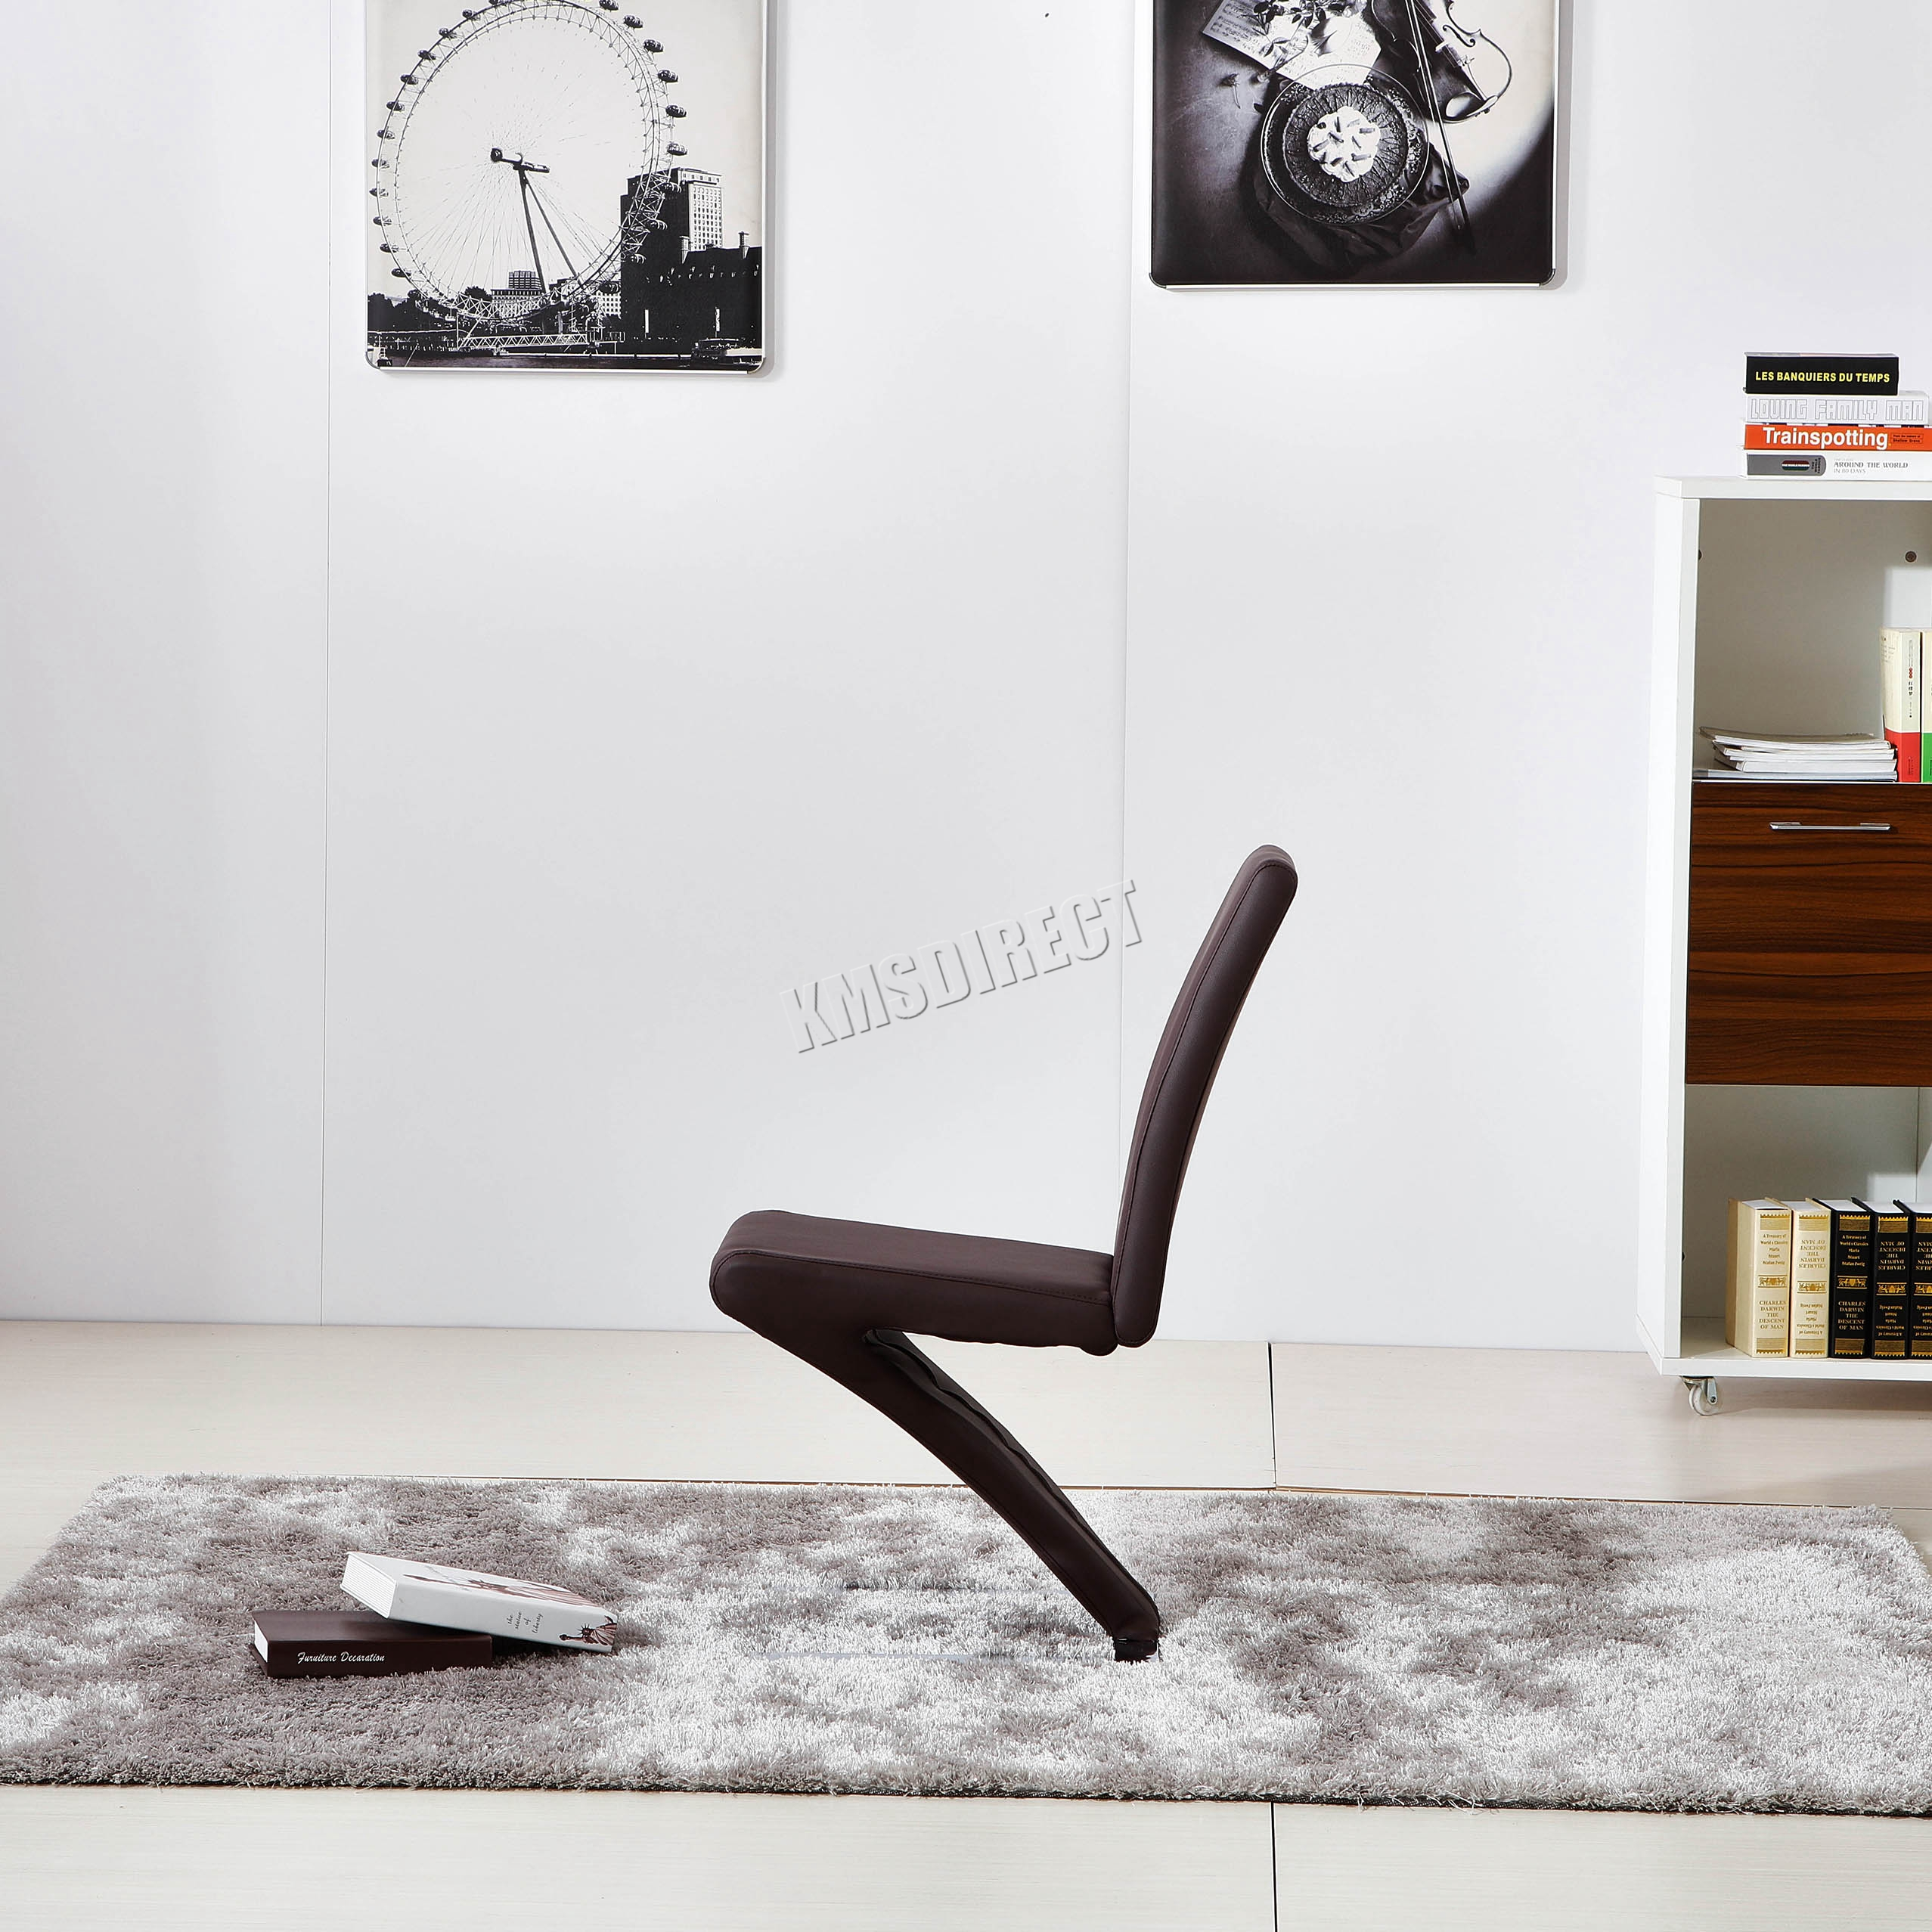 kosmetik besch digt 2 4 stk z form esszimmer sessel stuhl b ro pu kunstleder ebay. Black Bedroom Furniture Sets. Home Design Ideas